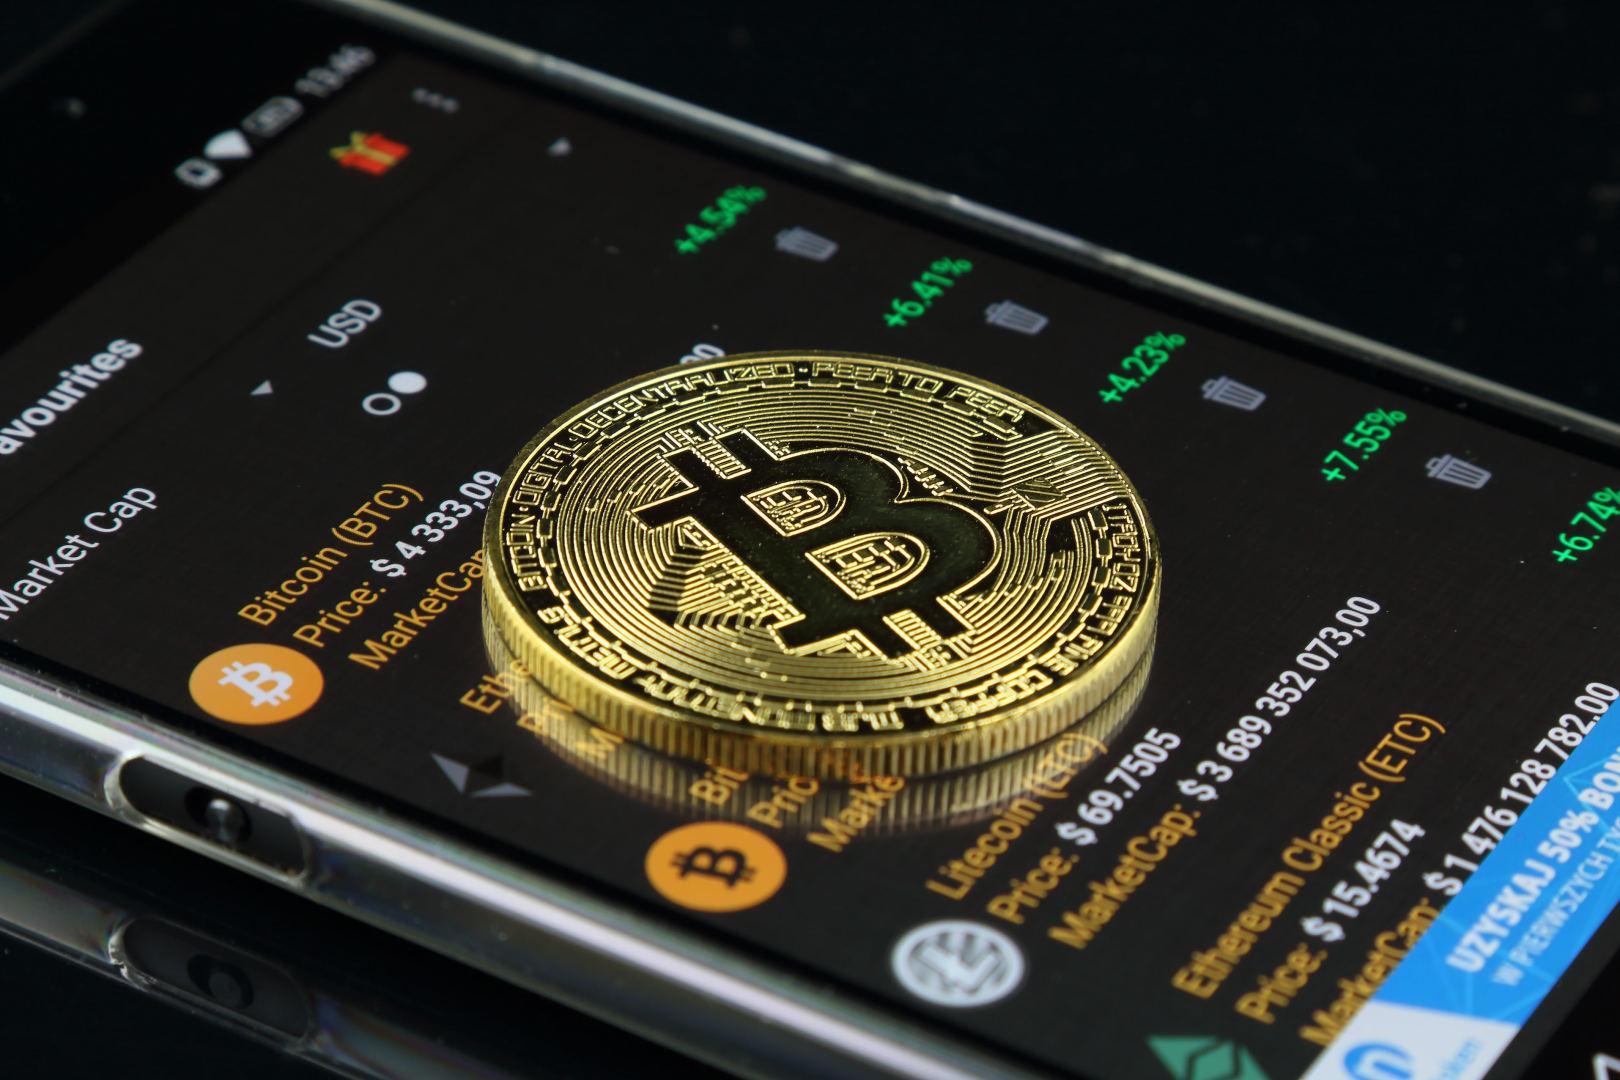 įranga už bitkoinų kainą programos signalai dvejetainiai variantai